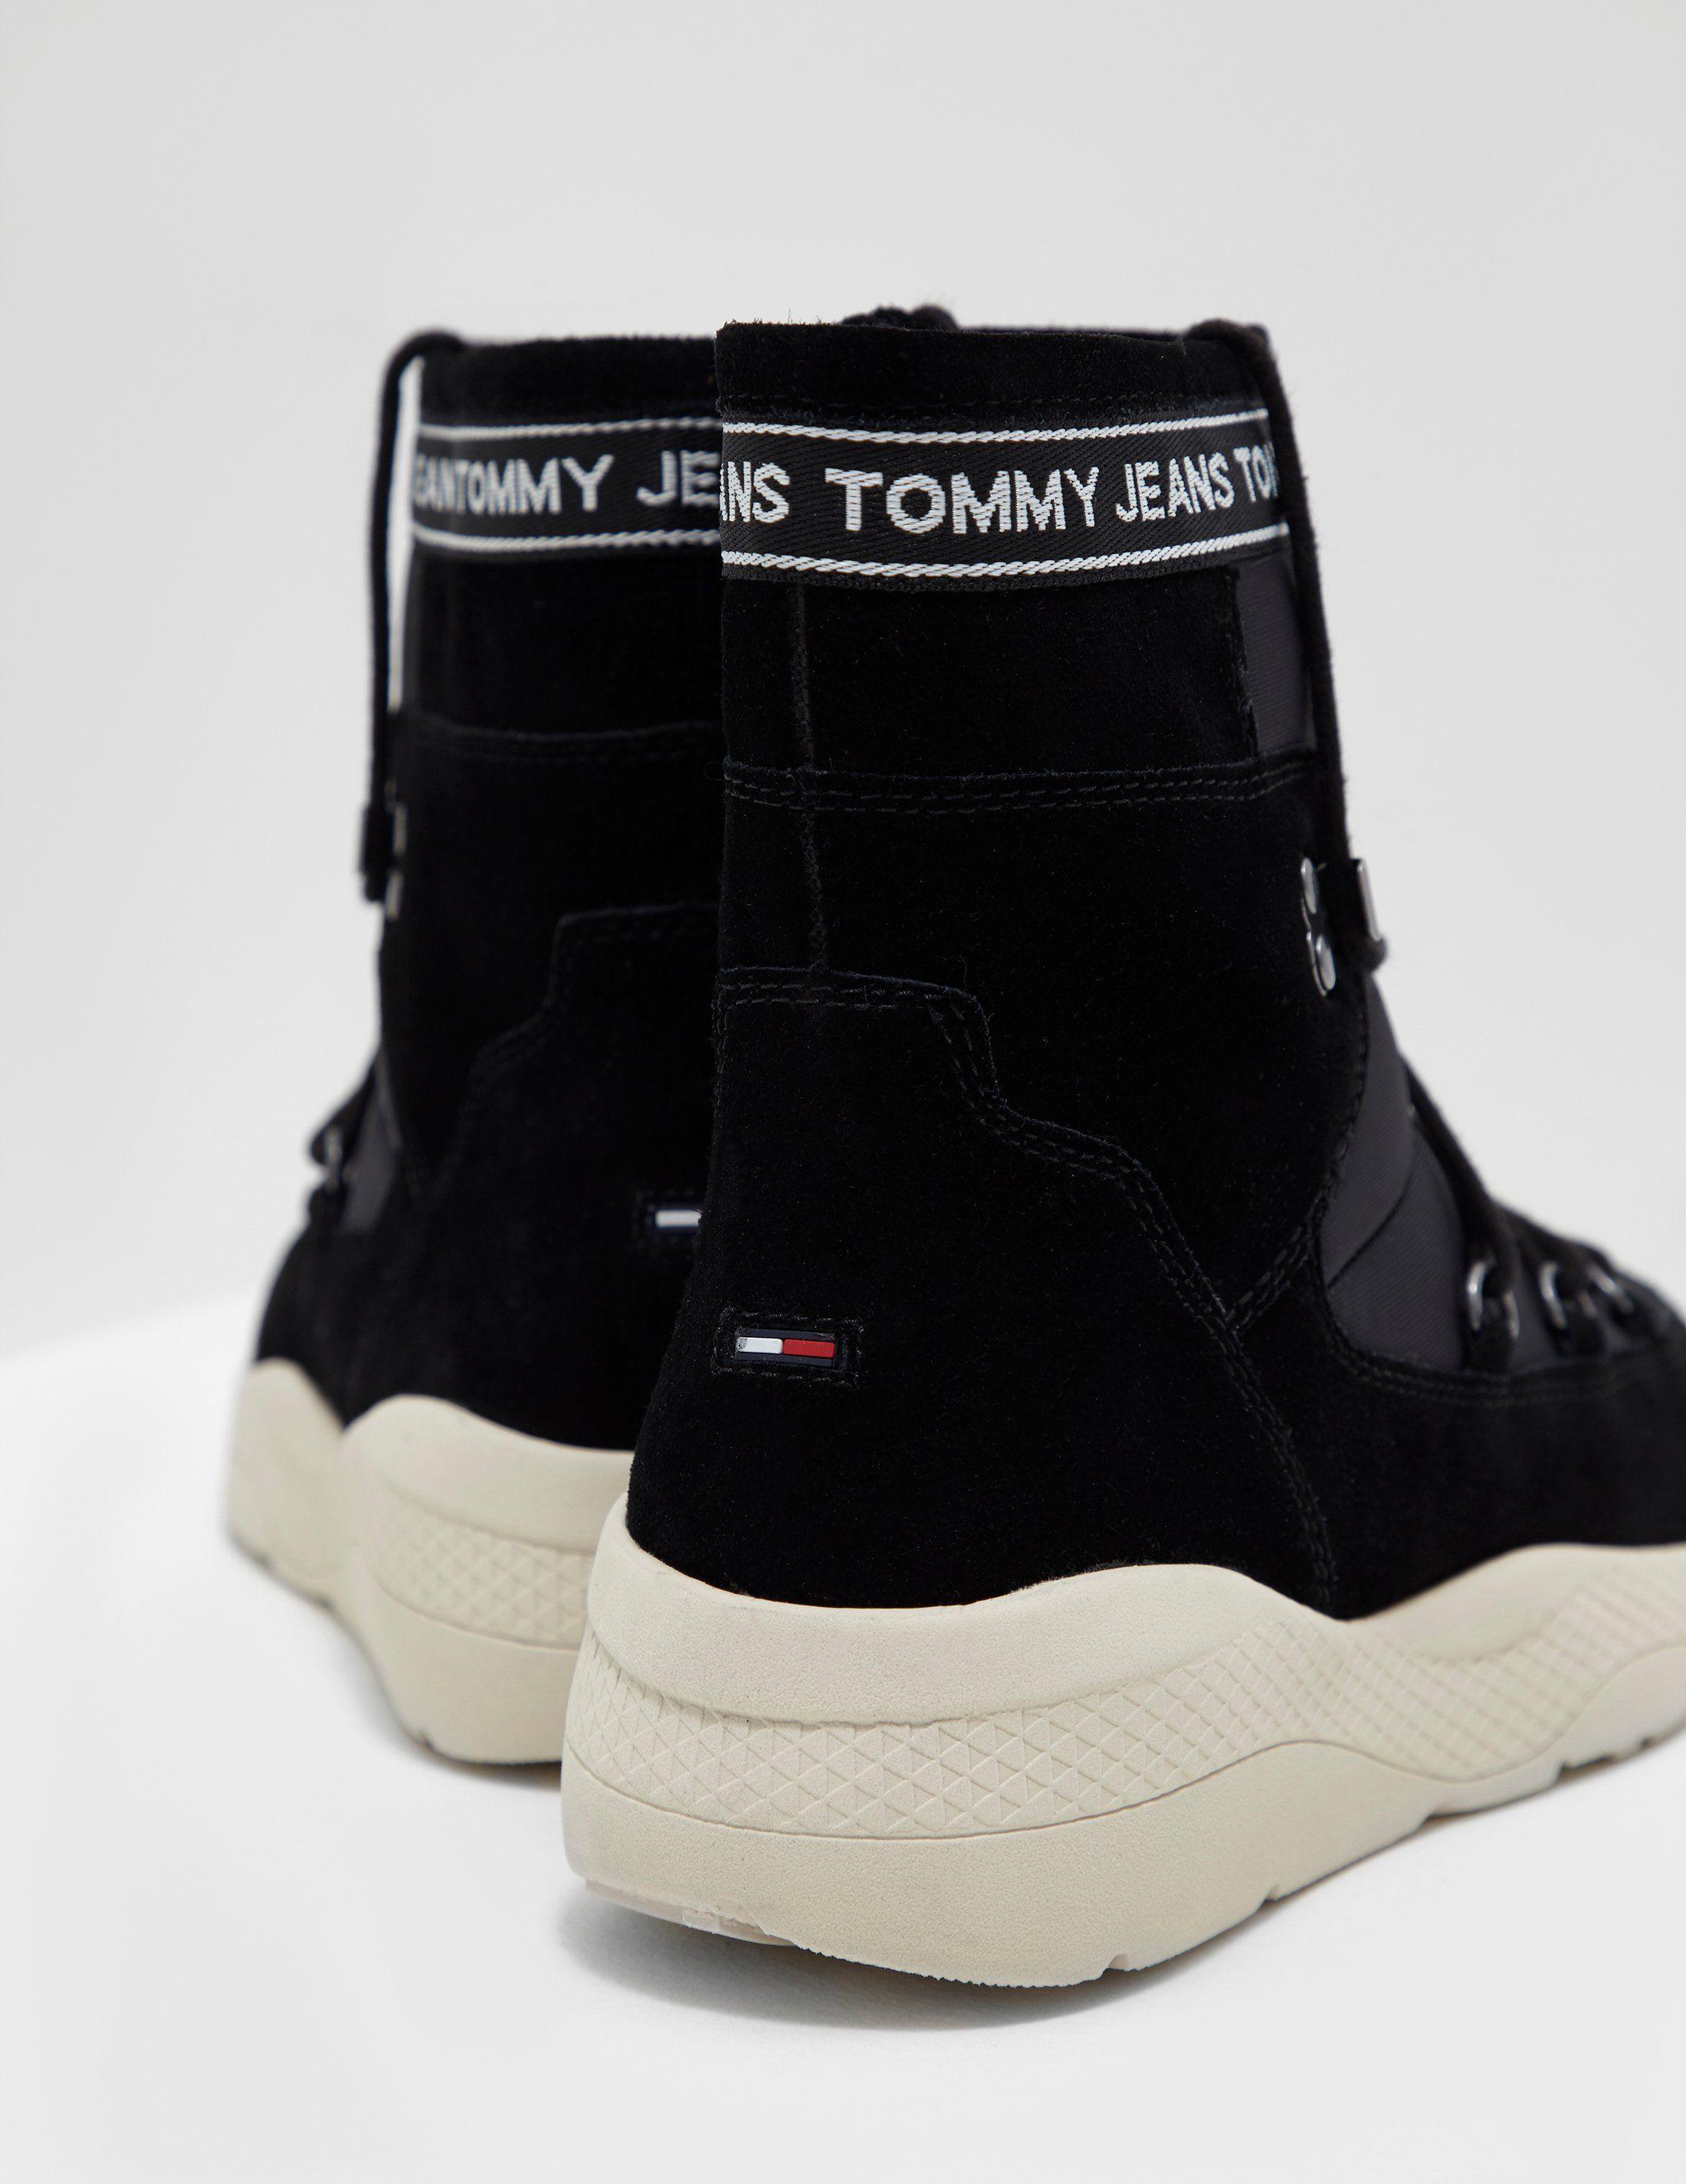 Tommy Jeans Hybrid Ski Boots